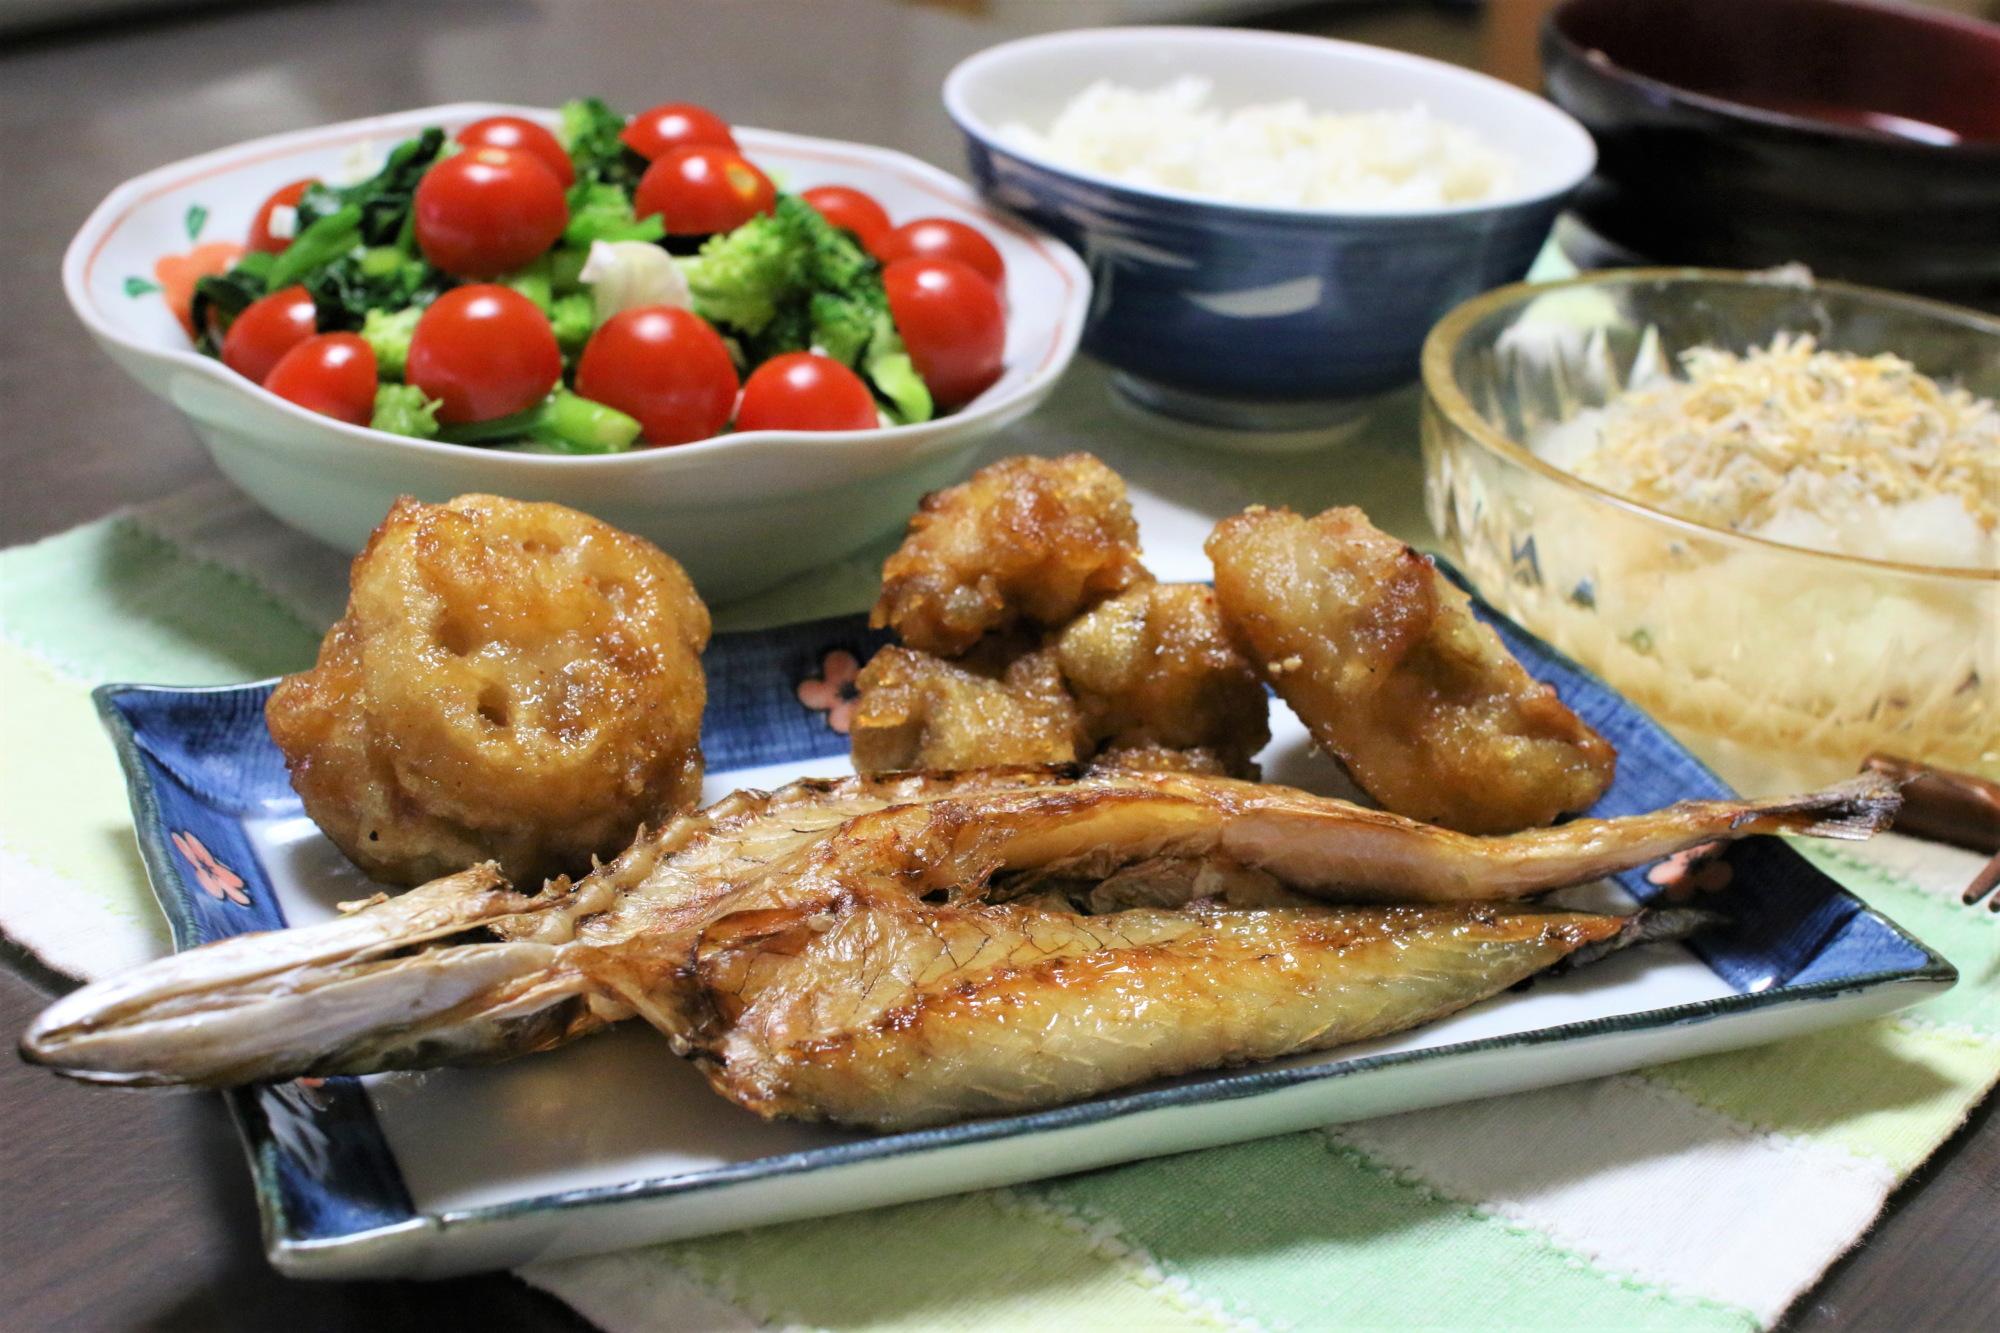 カマス(魳)の干物、大根おろしなど、おばあが作った夕飯のメニュー